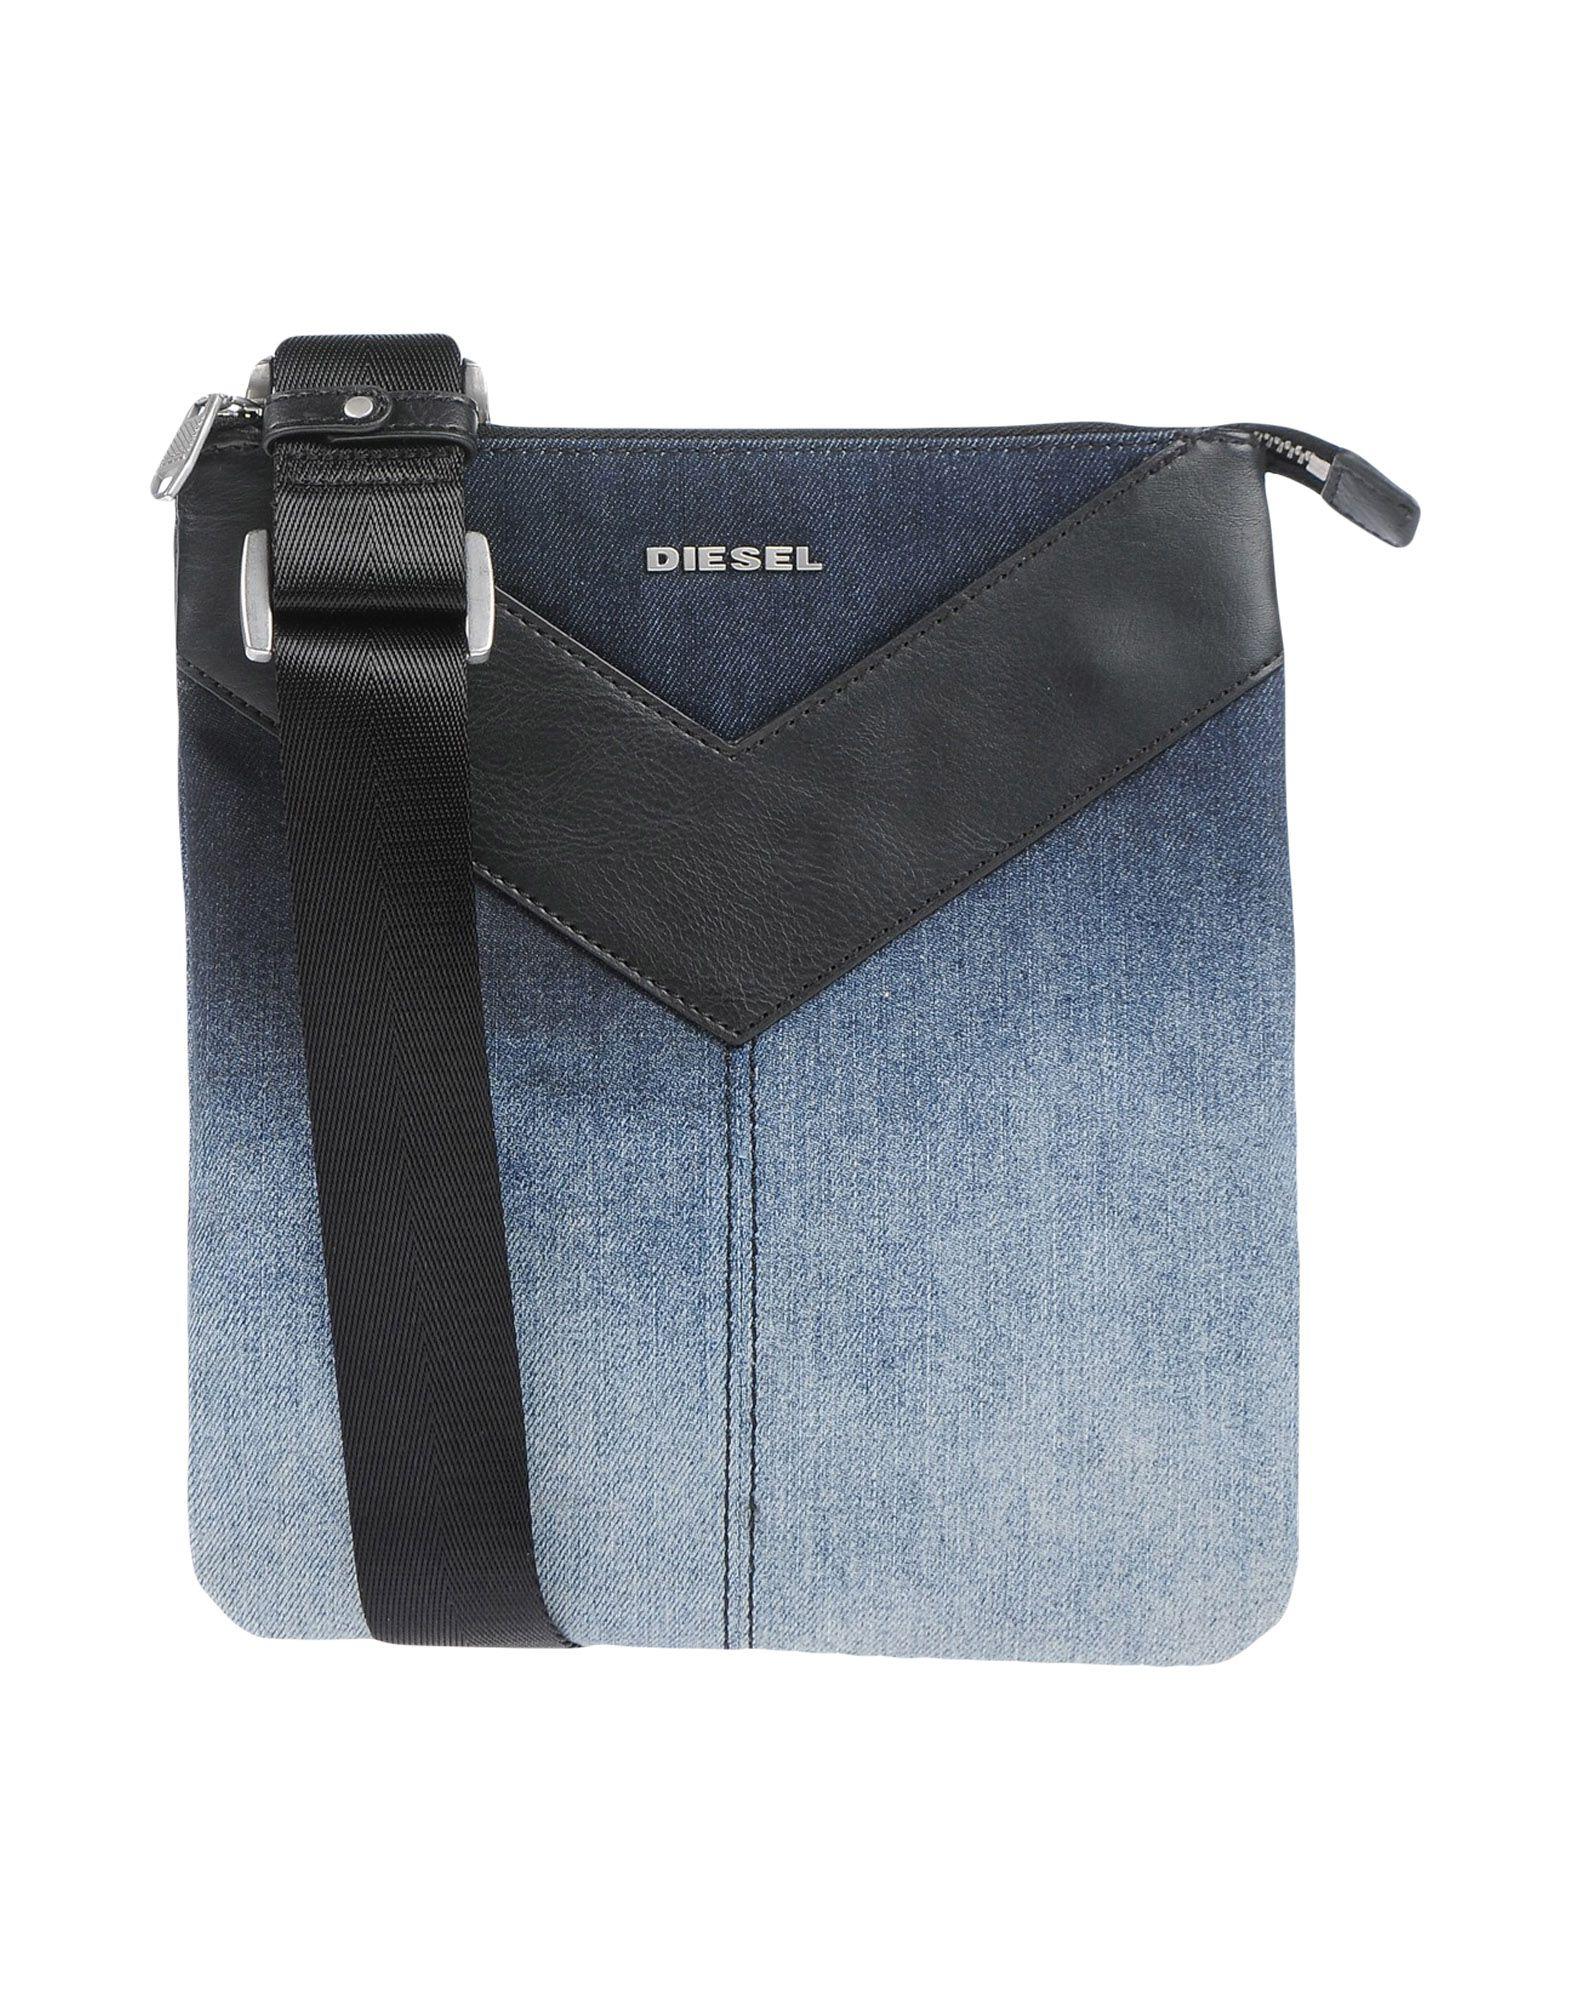 DIESEL Сумка через плечо сумка через плечо unbranded b 061